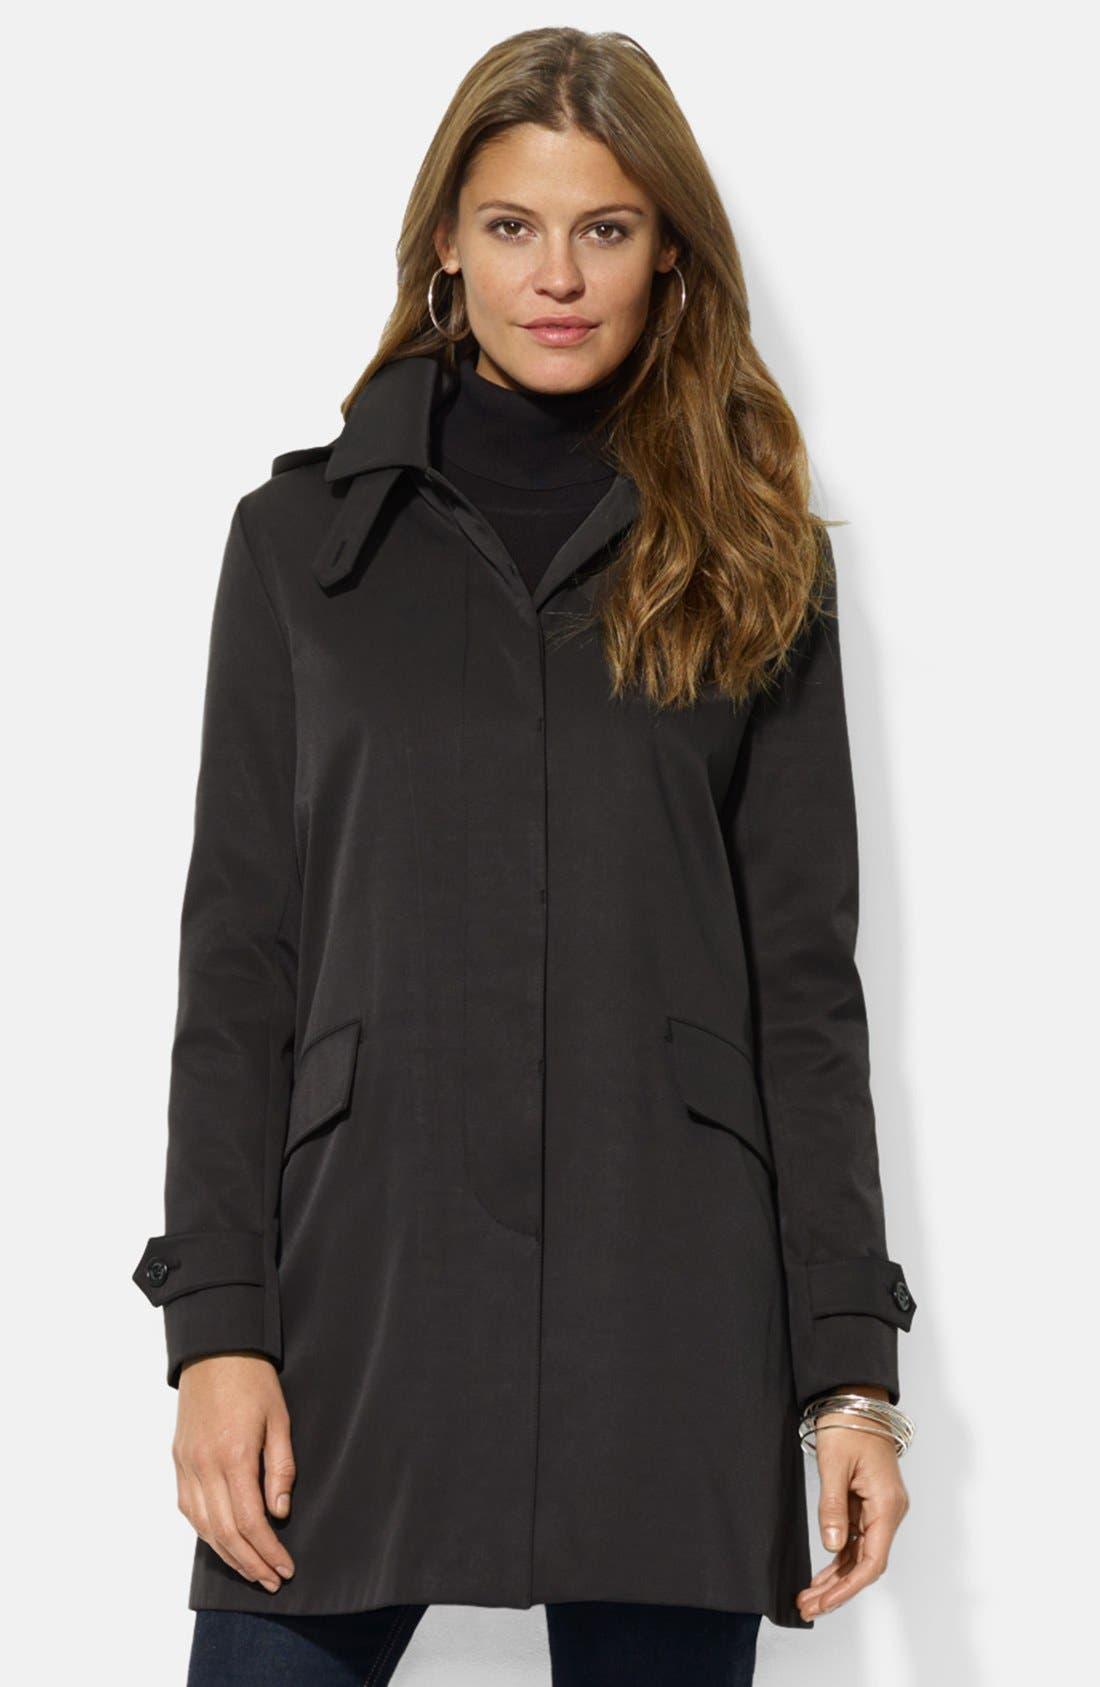 Main Image - Lauren Ralph Lauren Rain Jacket with Detachable Hood & Liner (Nordstrom Exclusive)